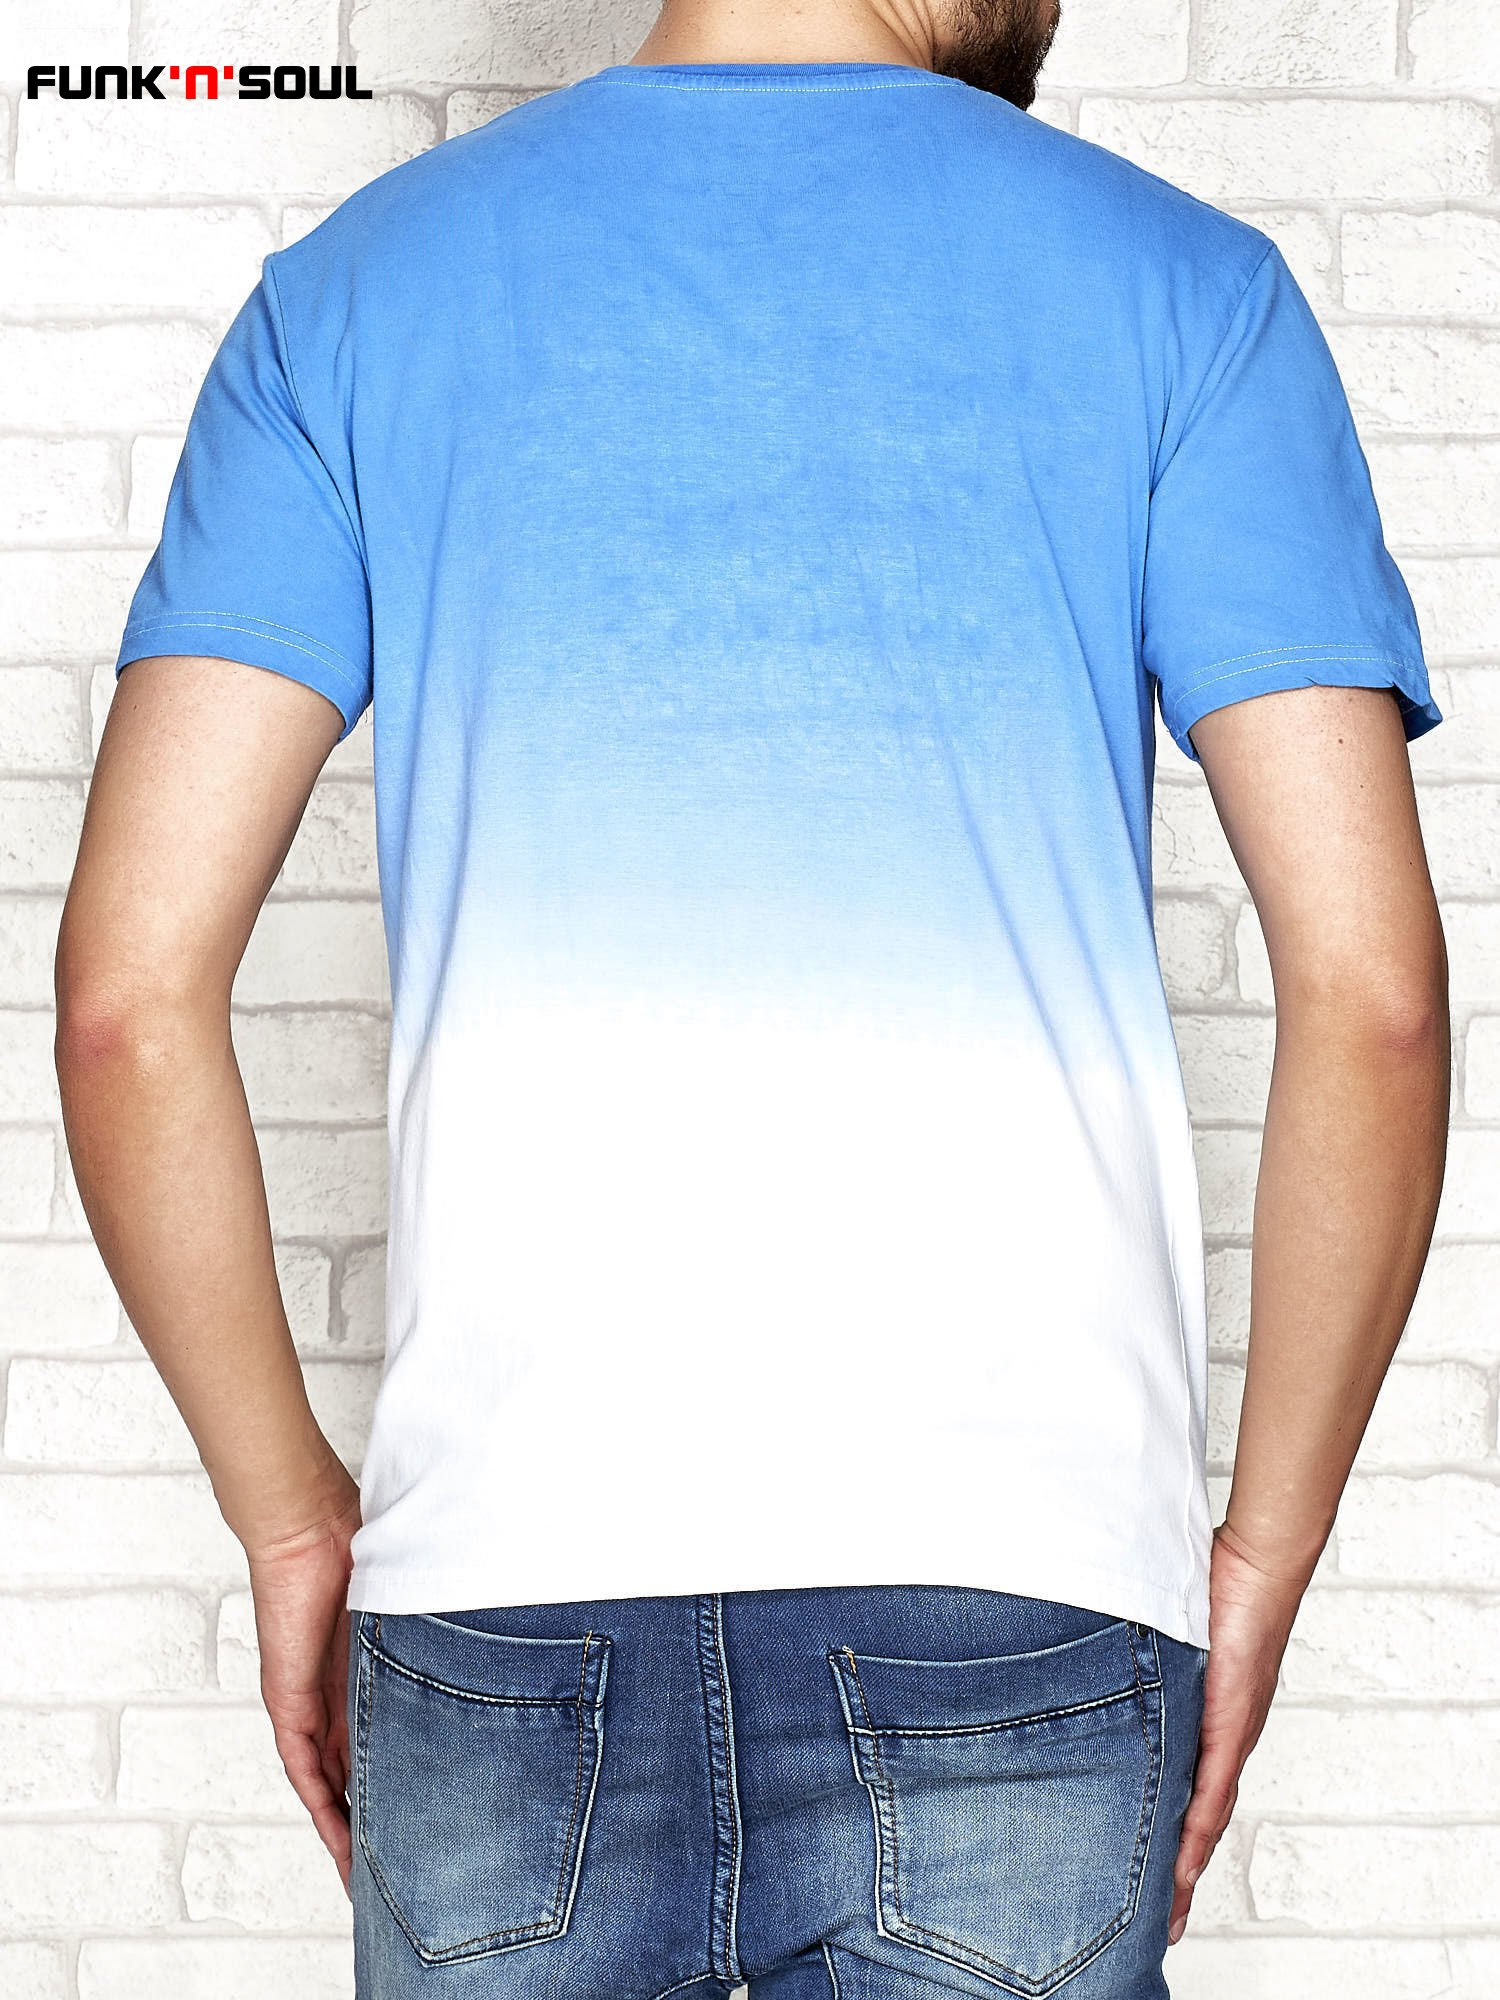 e61015e98f Niebieski t-shirt męski ombre z napisem FUNK N SOUL - Mężczyźni T ...